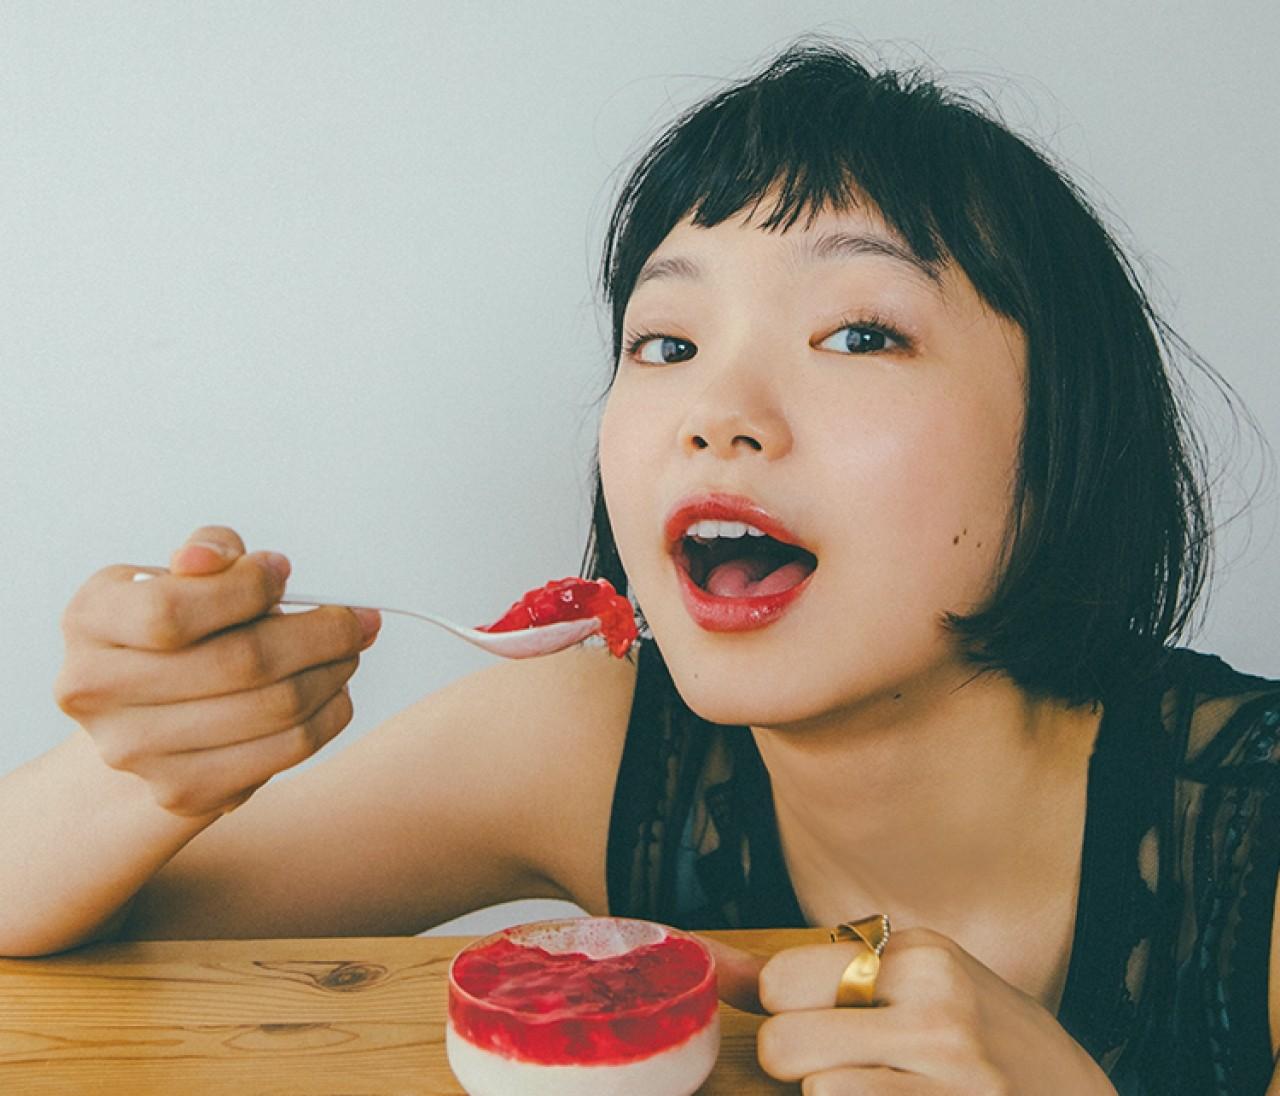 ふるふる、つるんな涼感デザート【食いしん坊ジャーナル】